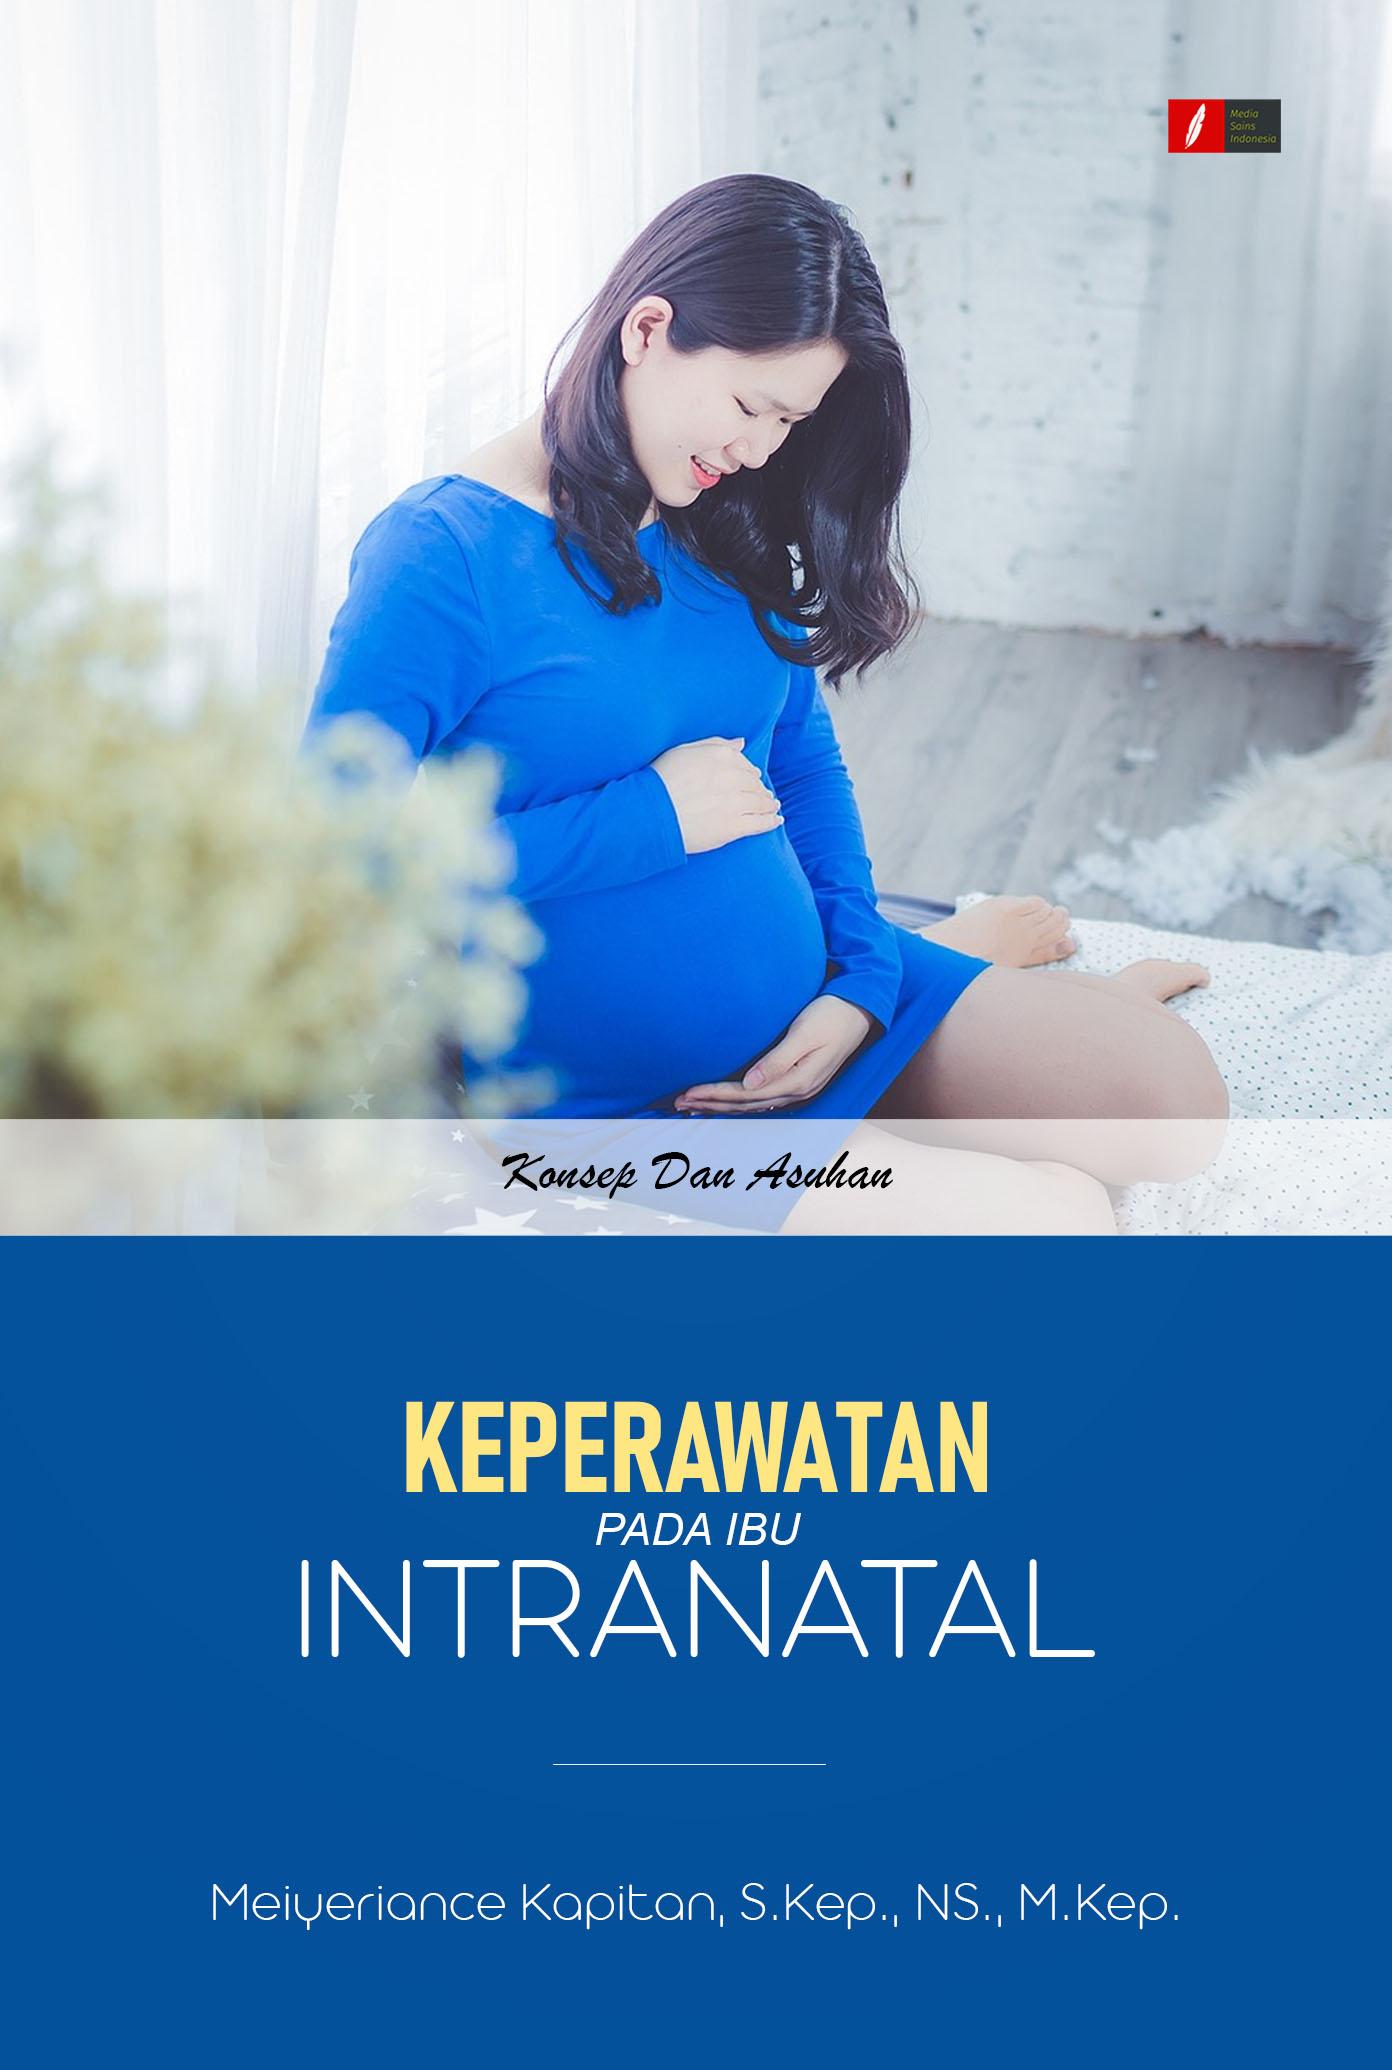 Konsep dan asuhan keperawatan pada ibu intranatal [sumber elektronis]